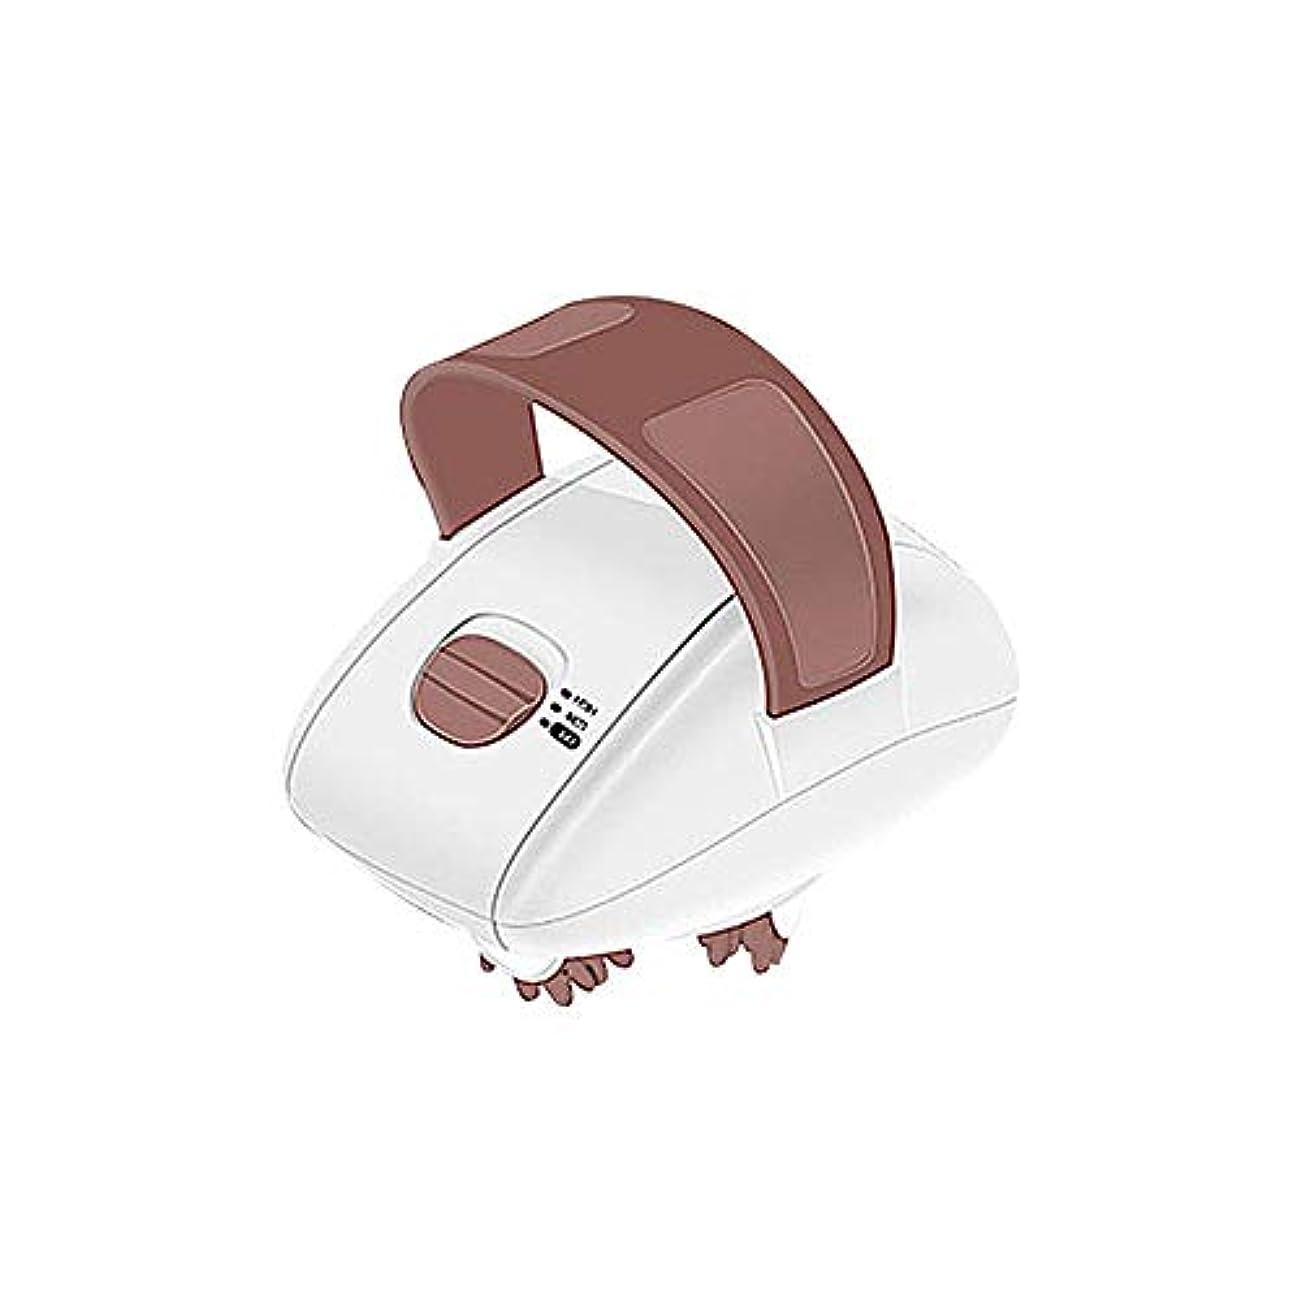 欠陥スクリーチ静かな3D ミニボディスリム 電動ギアミニマッサージャー 多機能 ボディ ハード マッサージローラー 美脚 腕痩せ 疲れ解消 全身にマッサージ ダイエット 電動ローラー ミニ脂肪マッサージ師 2色選べる